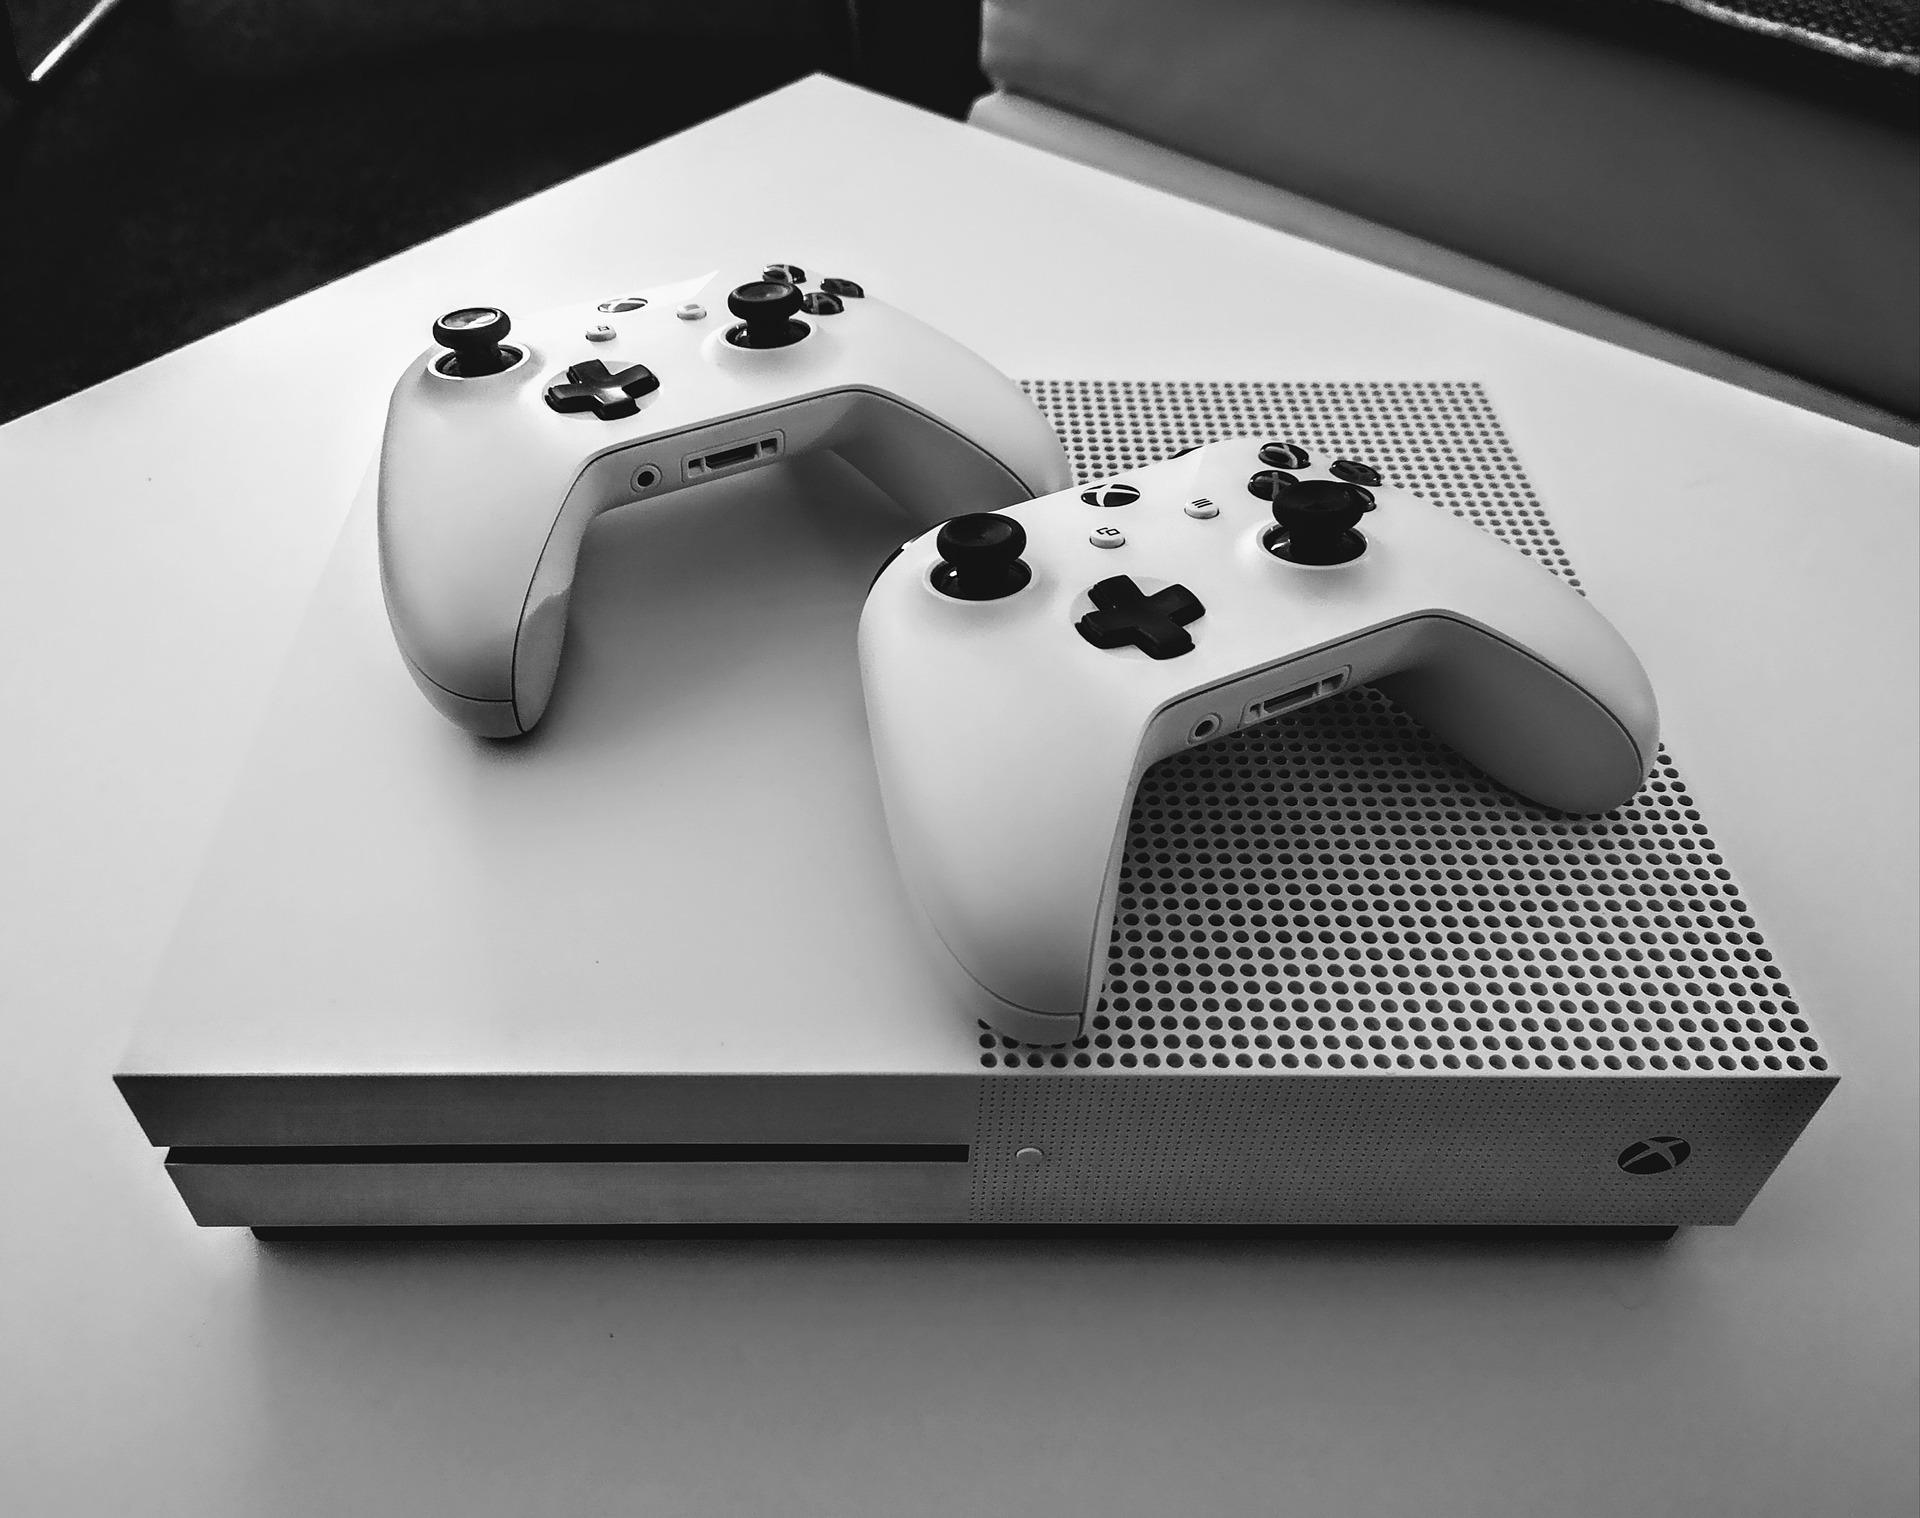 Xbox One S: Echter 4K Blu-ray-Player für wenig Geld - Tech